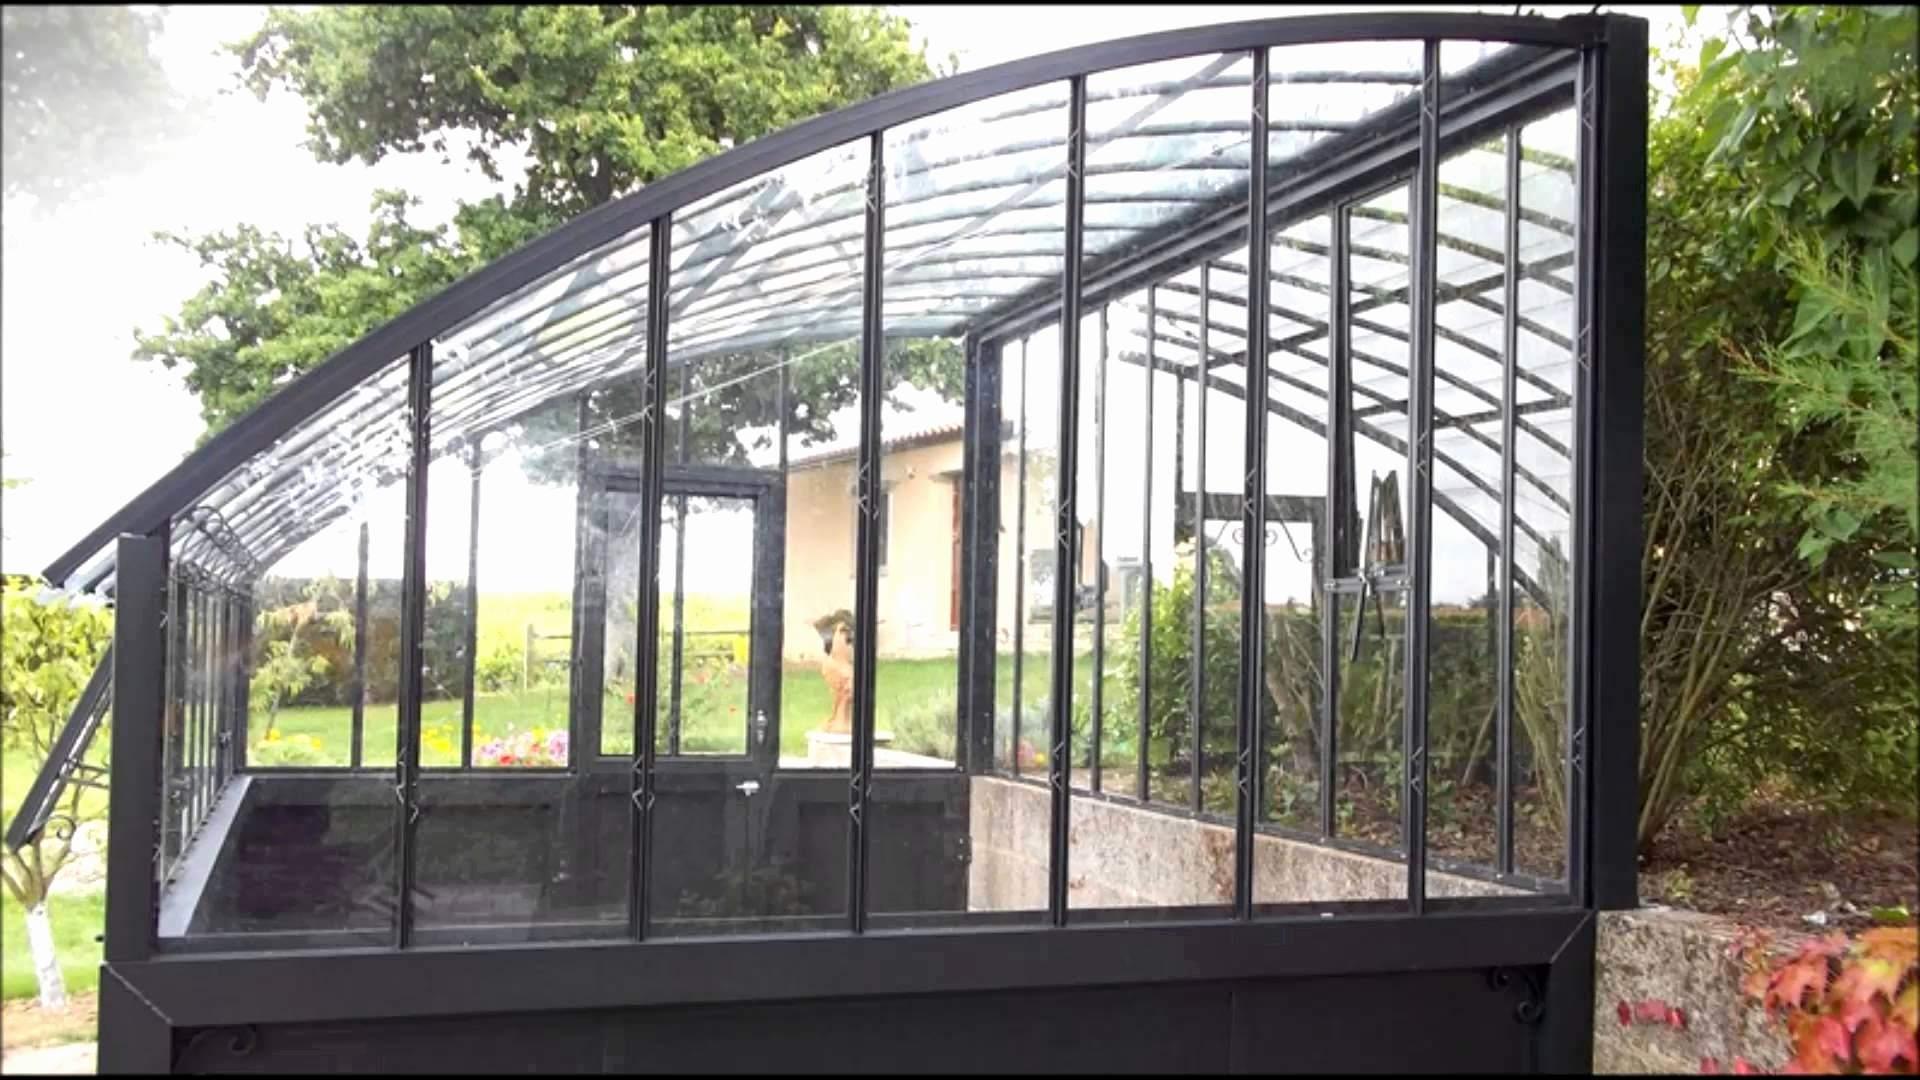 Abri De Jardin Metal Cdiscount Beau Photographie Cdiscount Jardin Meilleur De Abri De Jardin Metal Cdiscount Luxe Au